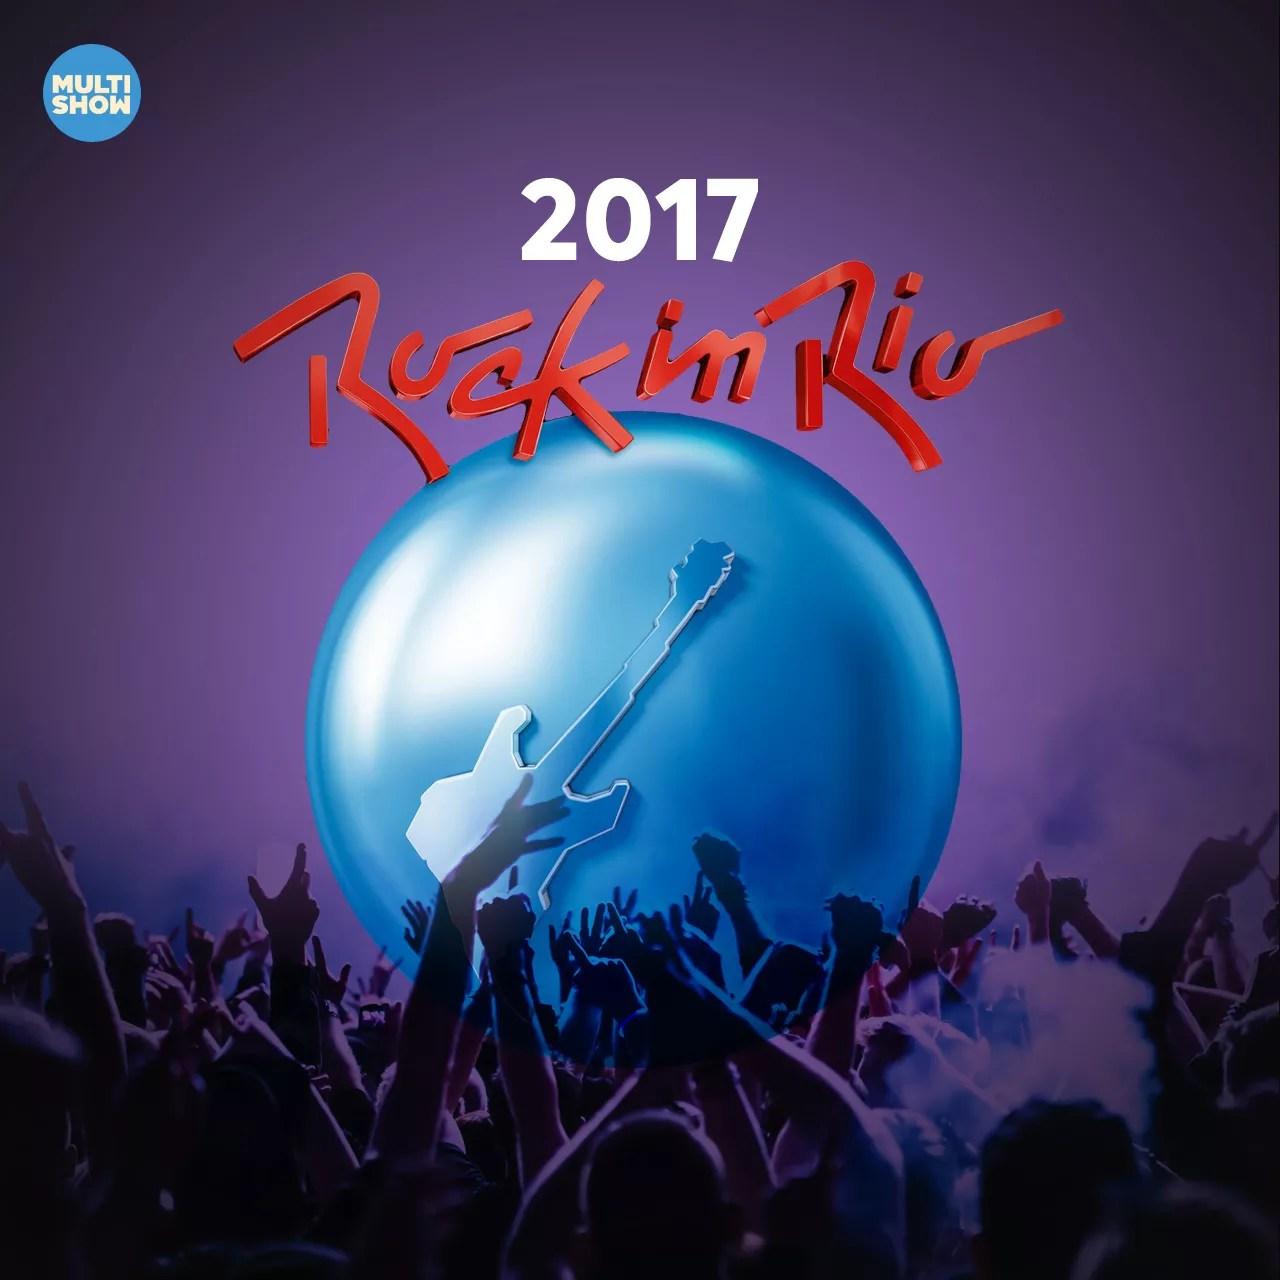 Resultado de imagem para imagens do rock in rio 2017